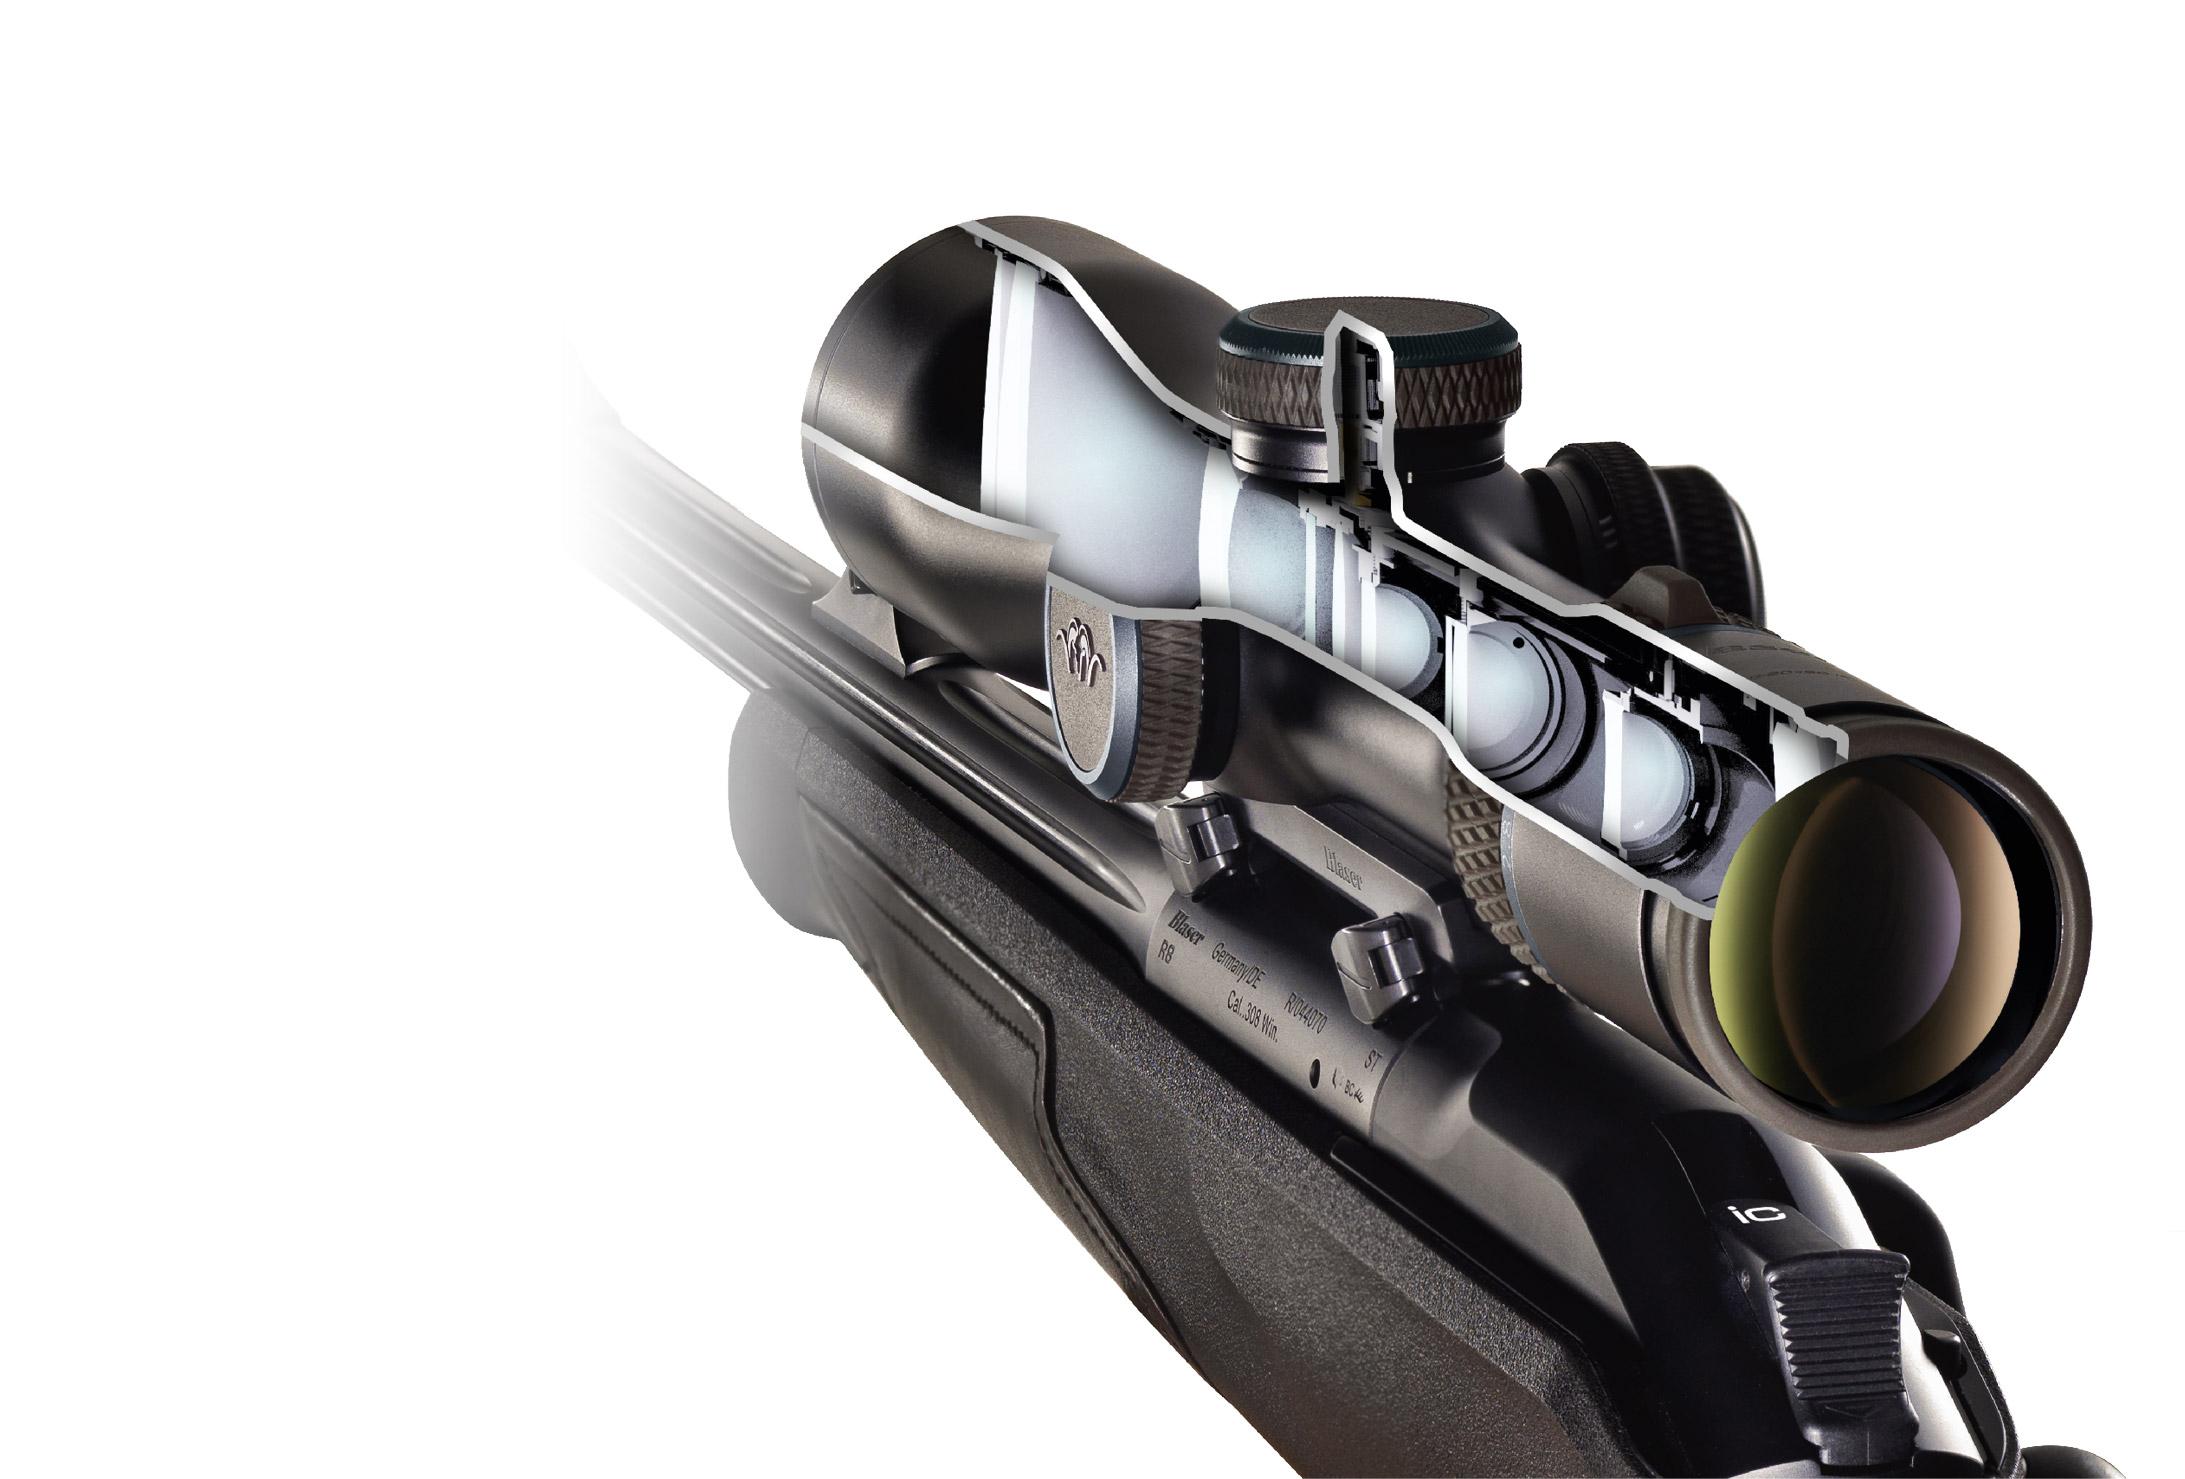 Zielfernrohr Mit Entfernungsmesser Einstellen : Luftgewehr mit einem zielfernrohr einschiessen teil